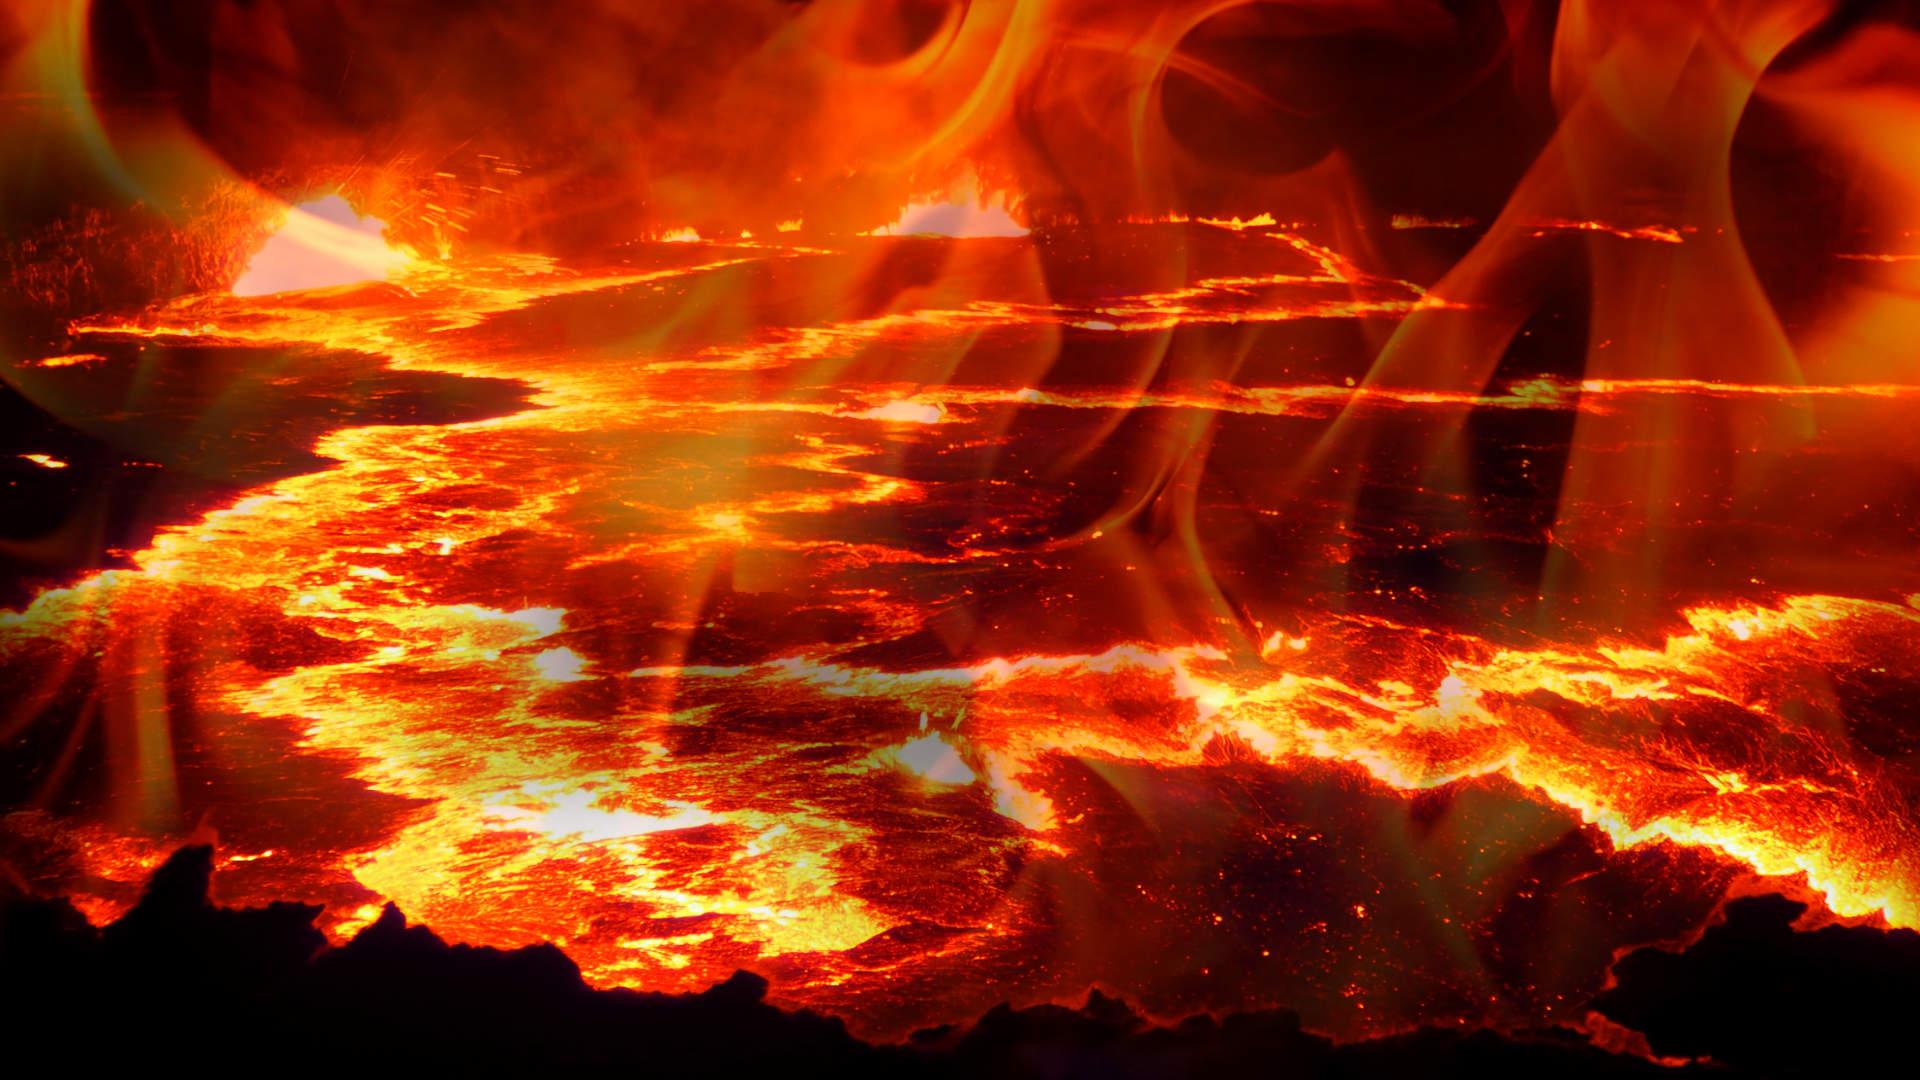 земля будущего. планета в огне. демократия как система оболванивания масс